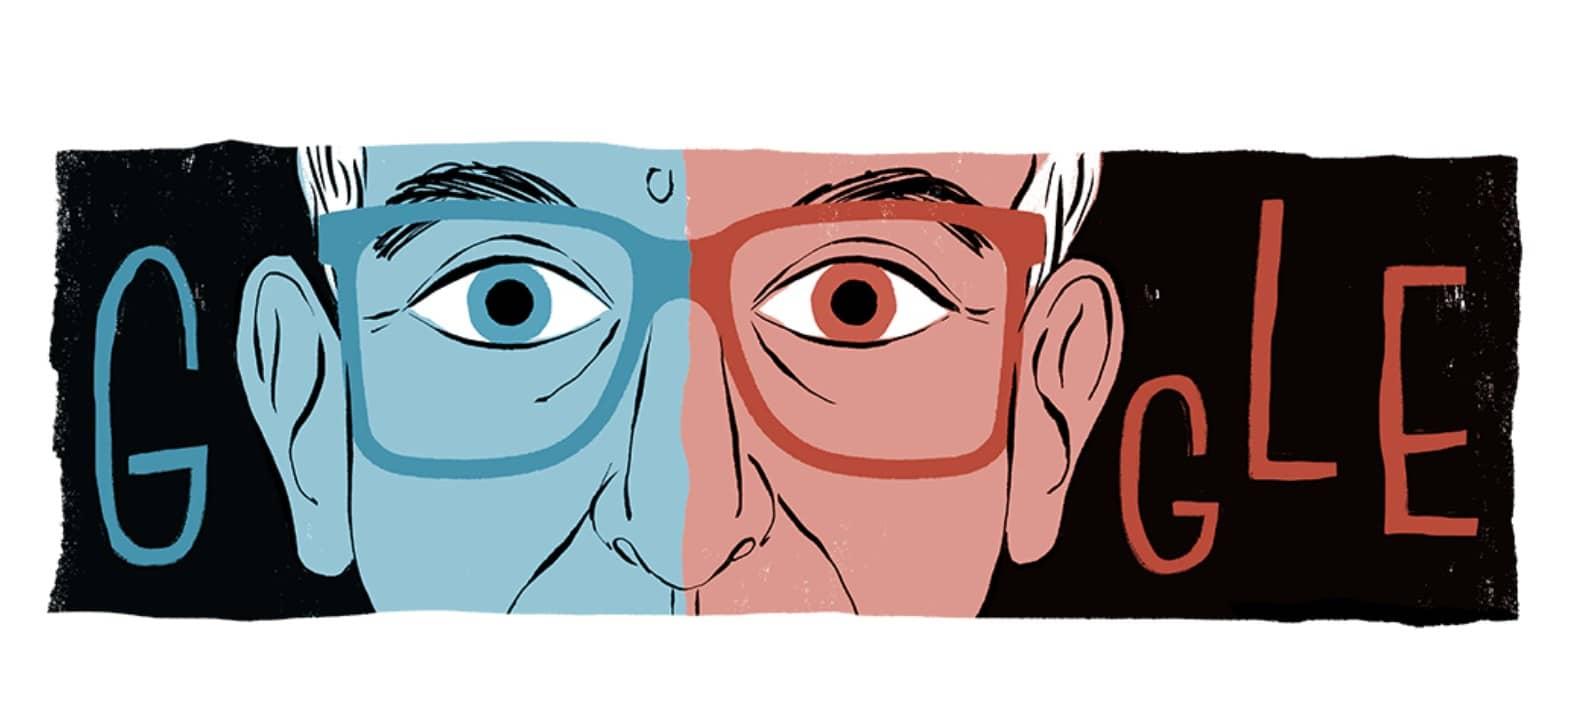 Doodle trilogie « Trois couleurs » de Krzysztof Kieślowski